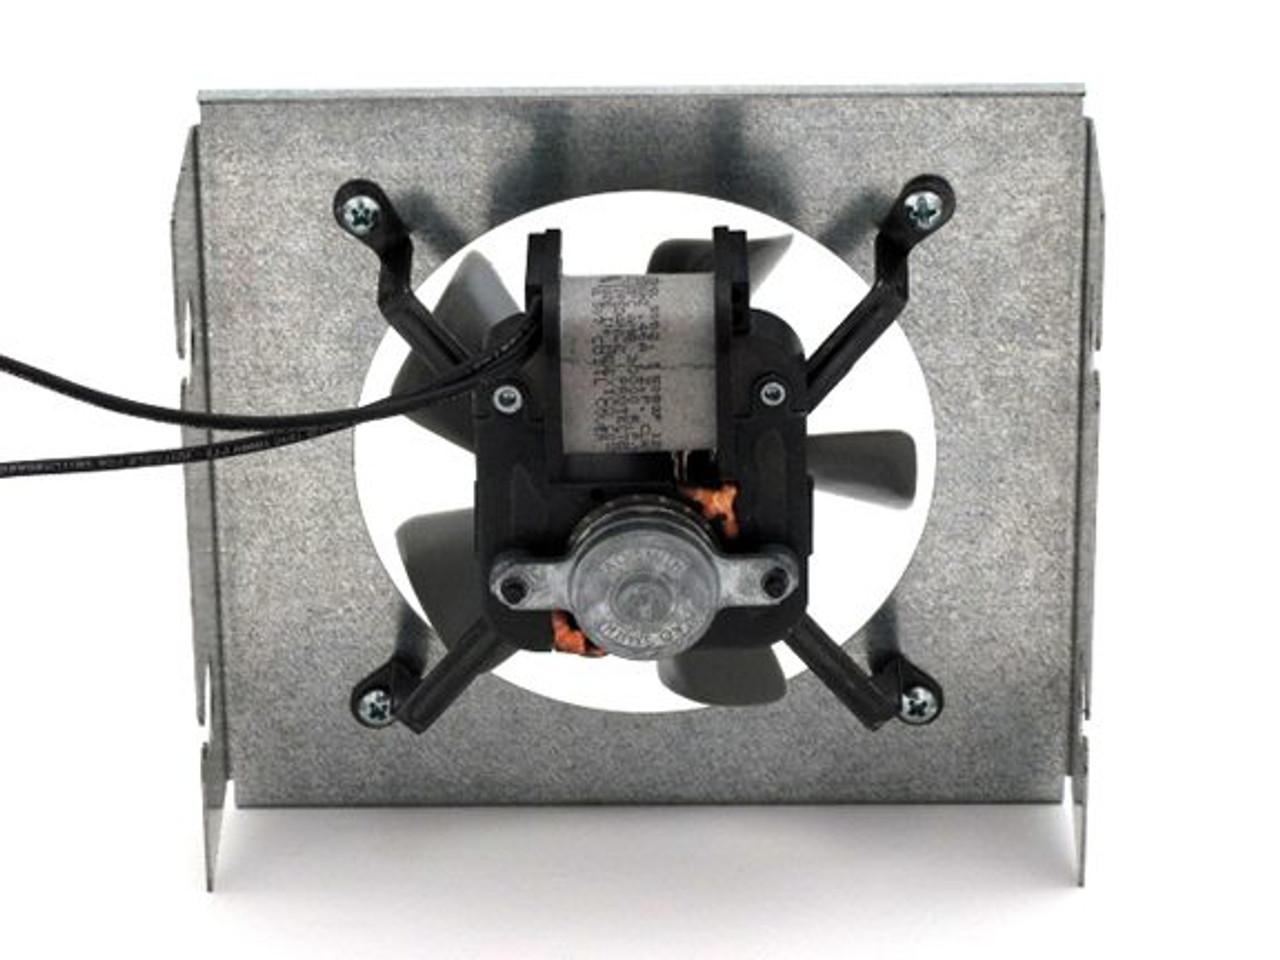 Fk18 Blower Kit Fireplace Fan Kit For Heatilator Ec36